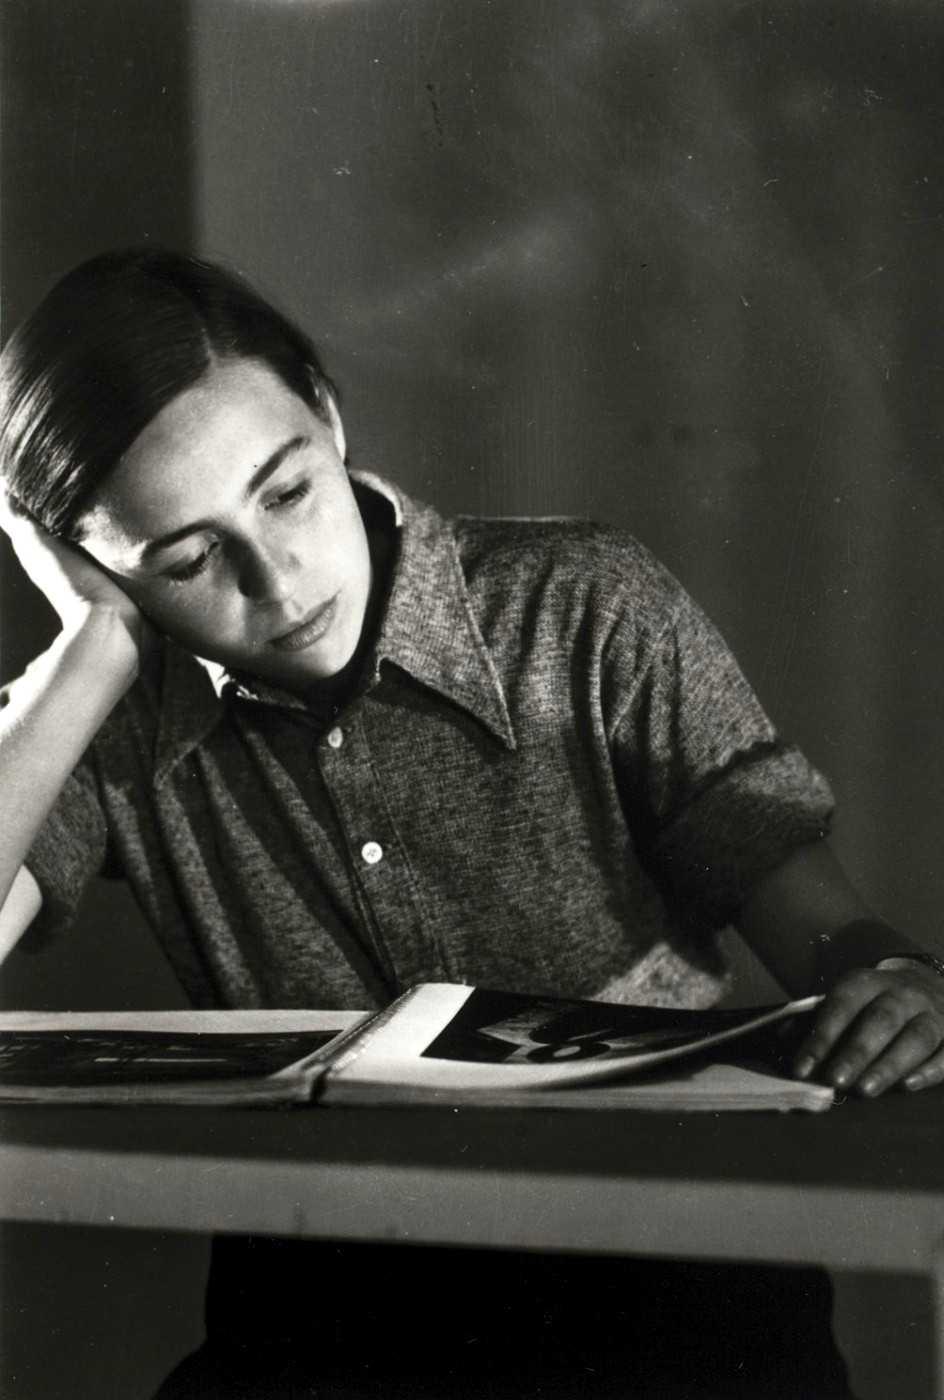 Kati Horna, en una foto atribuïda a Robert Capa, a l'estudi de Jozsef Pesci (Budapest, 1933)